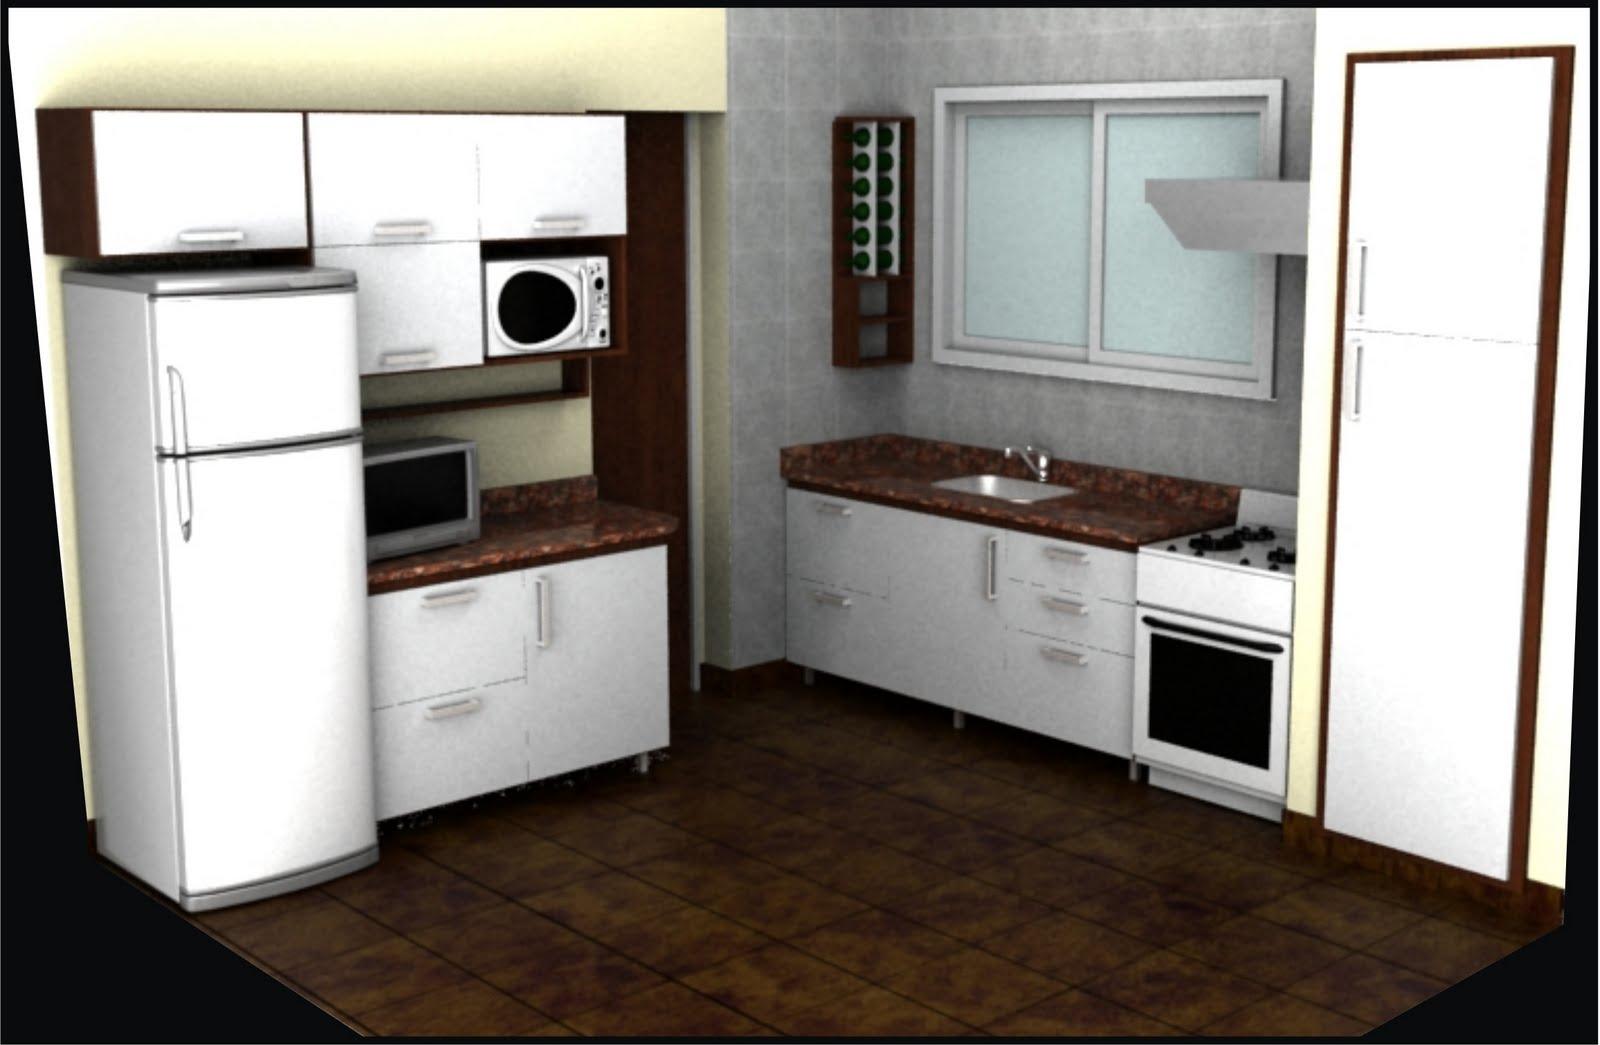 grupo impronta dise o equipamiento para cocina On diseno alacenas para cocina